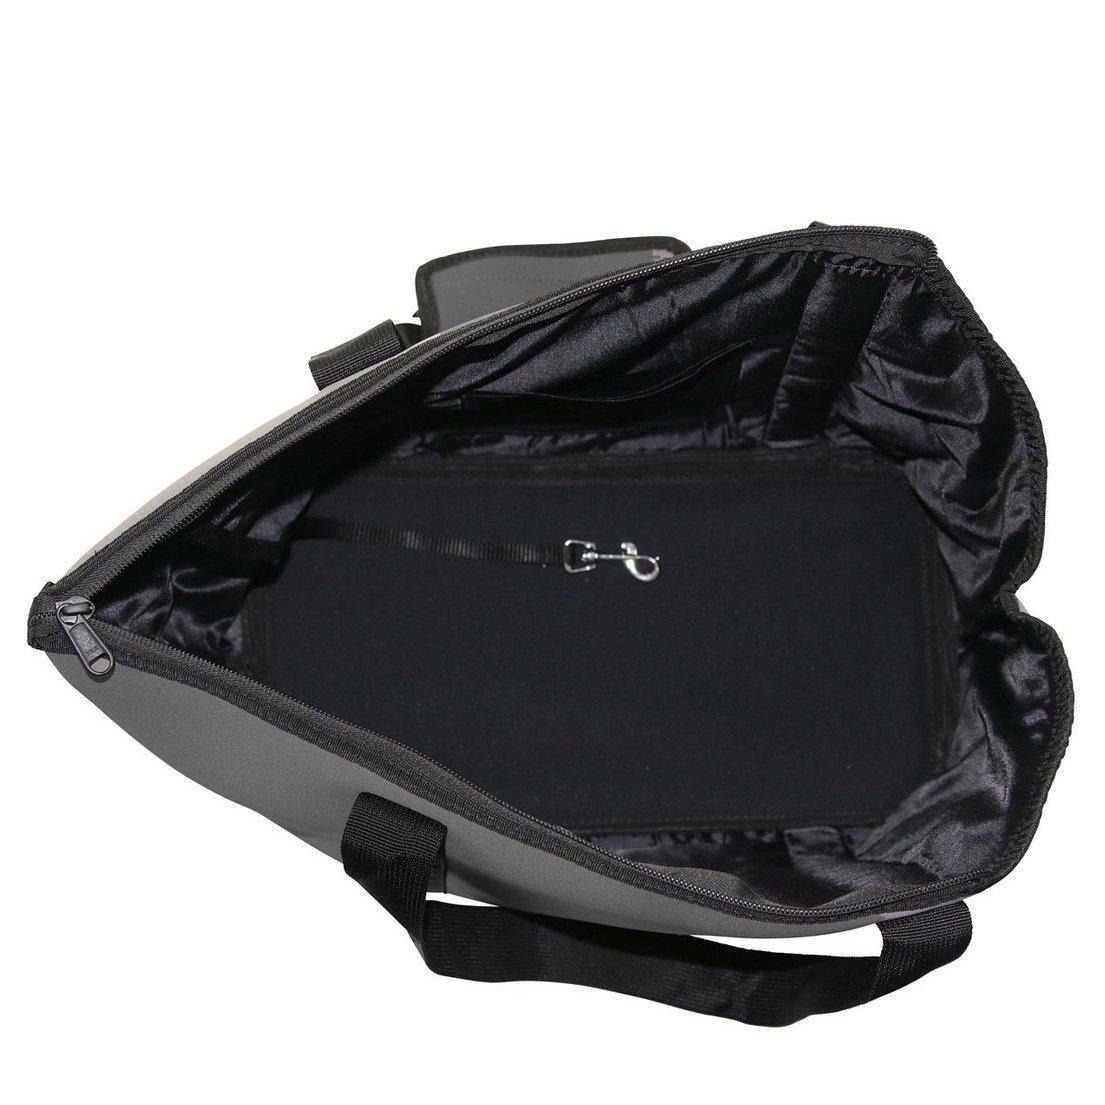 Wolters Hundetasche Softbag Grey Essentials Large, Bild 2